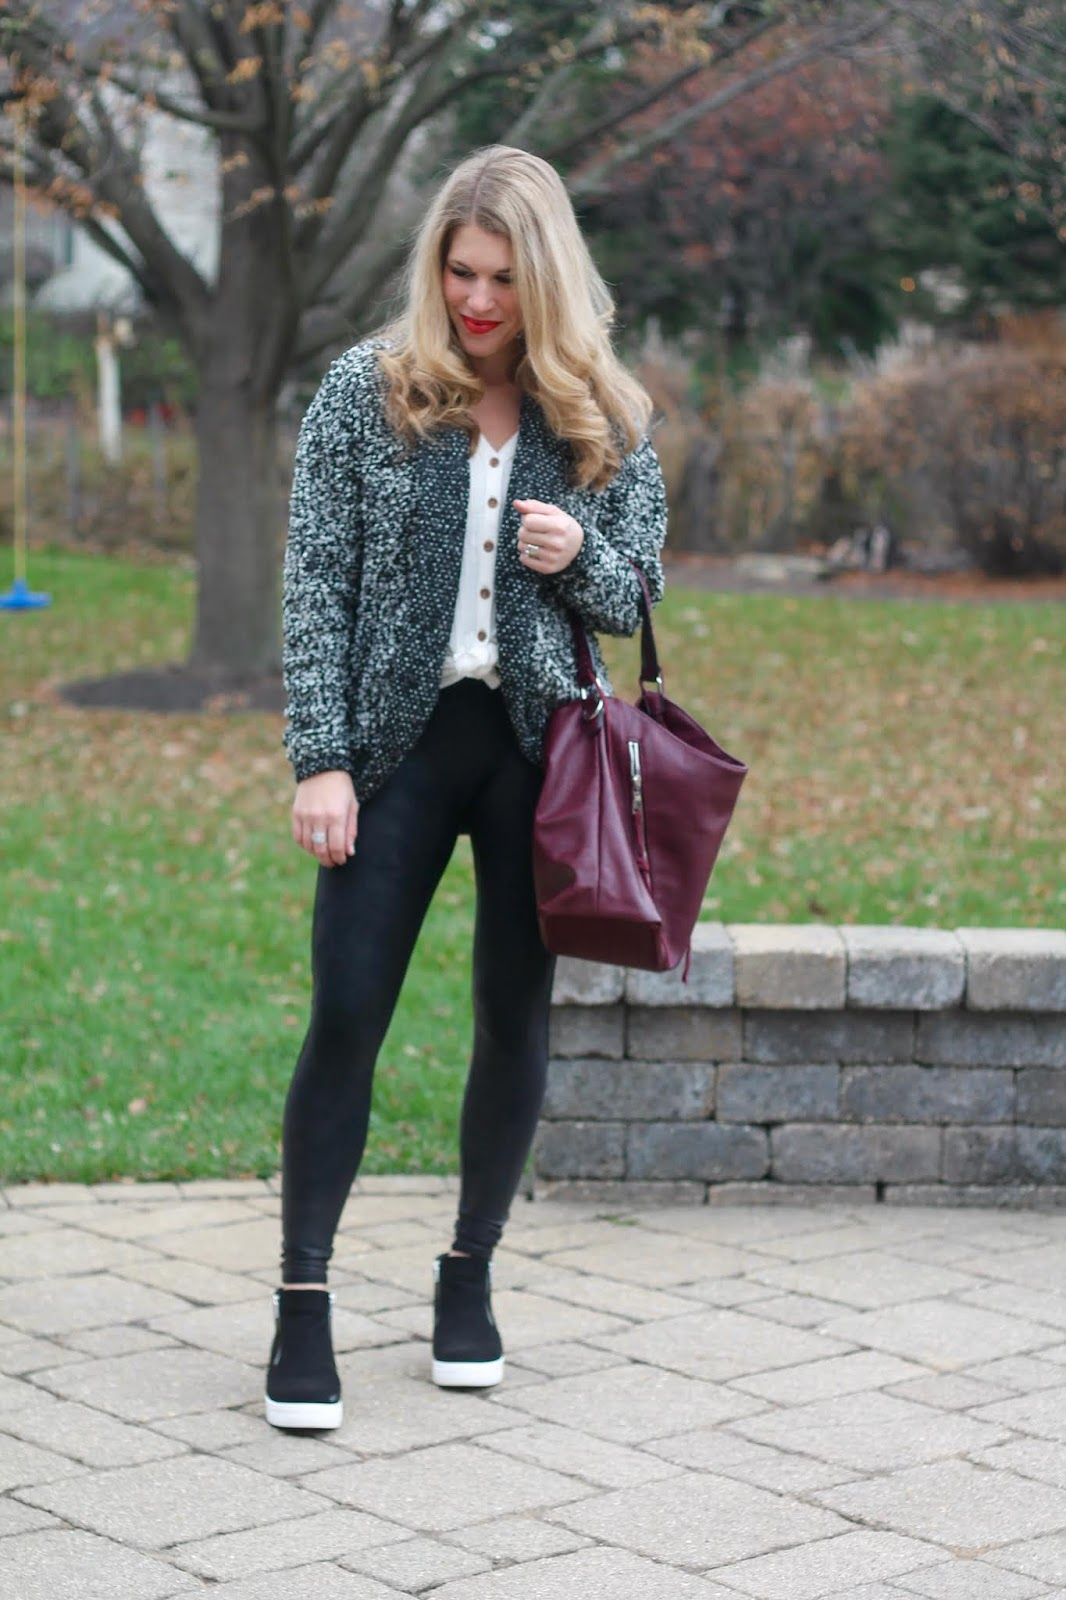 aventura henley, spanx leather leggings, burgundy slouch bag, space dye cardigan, wedge sneakers,